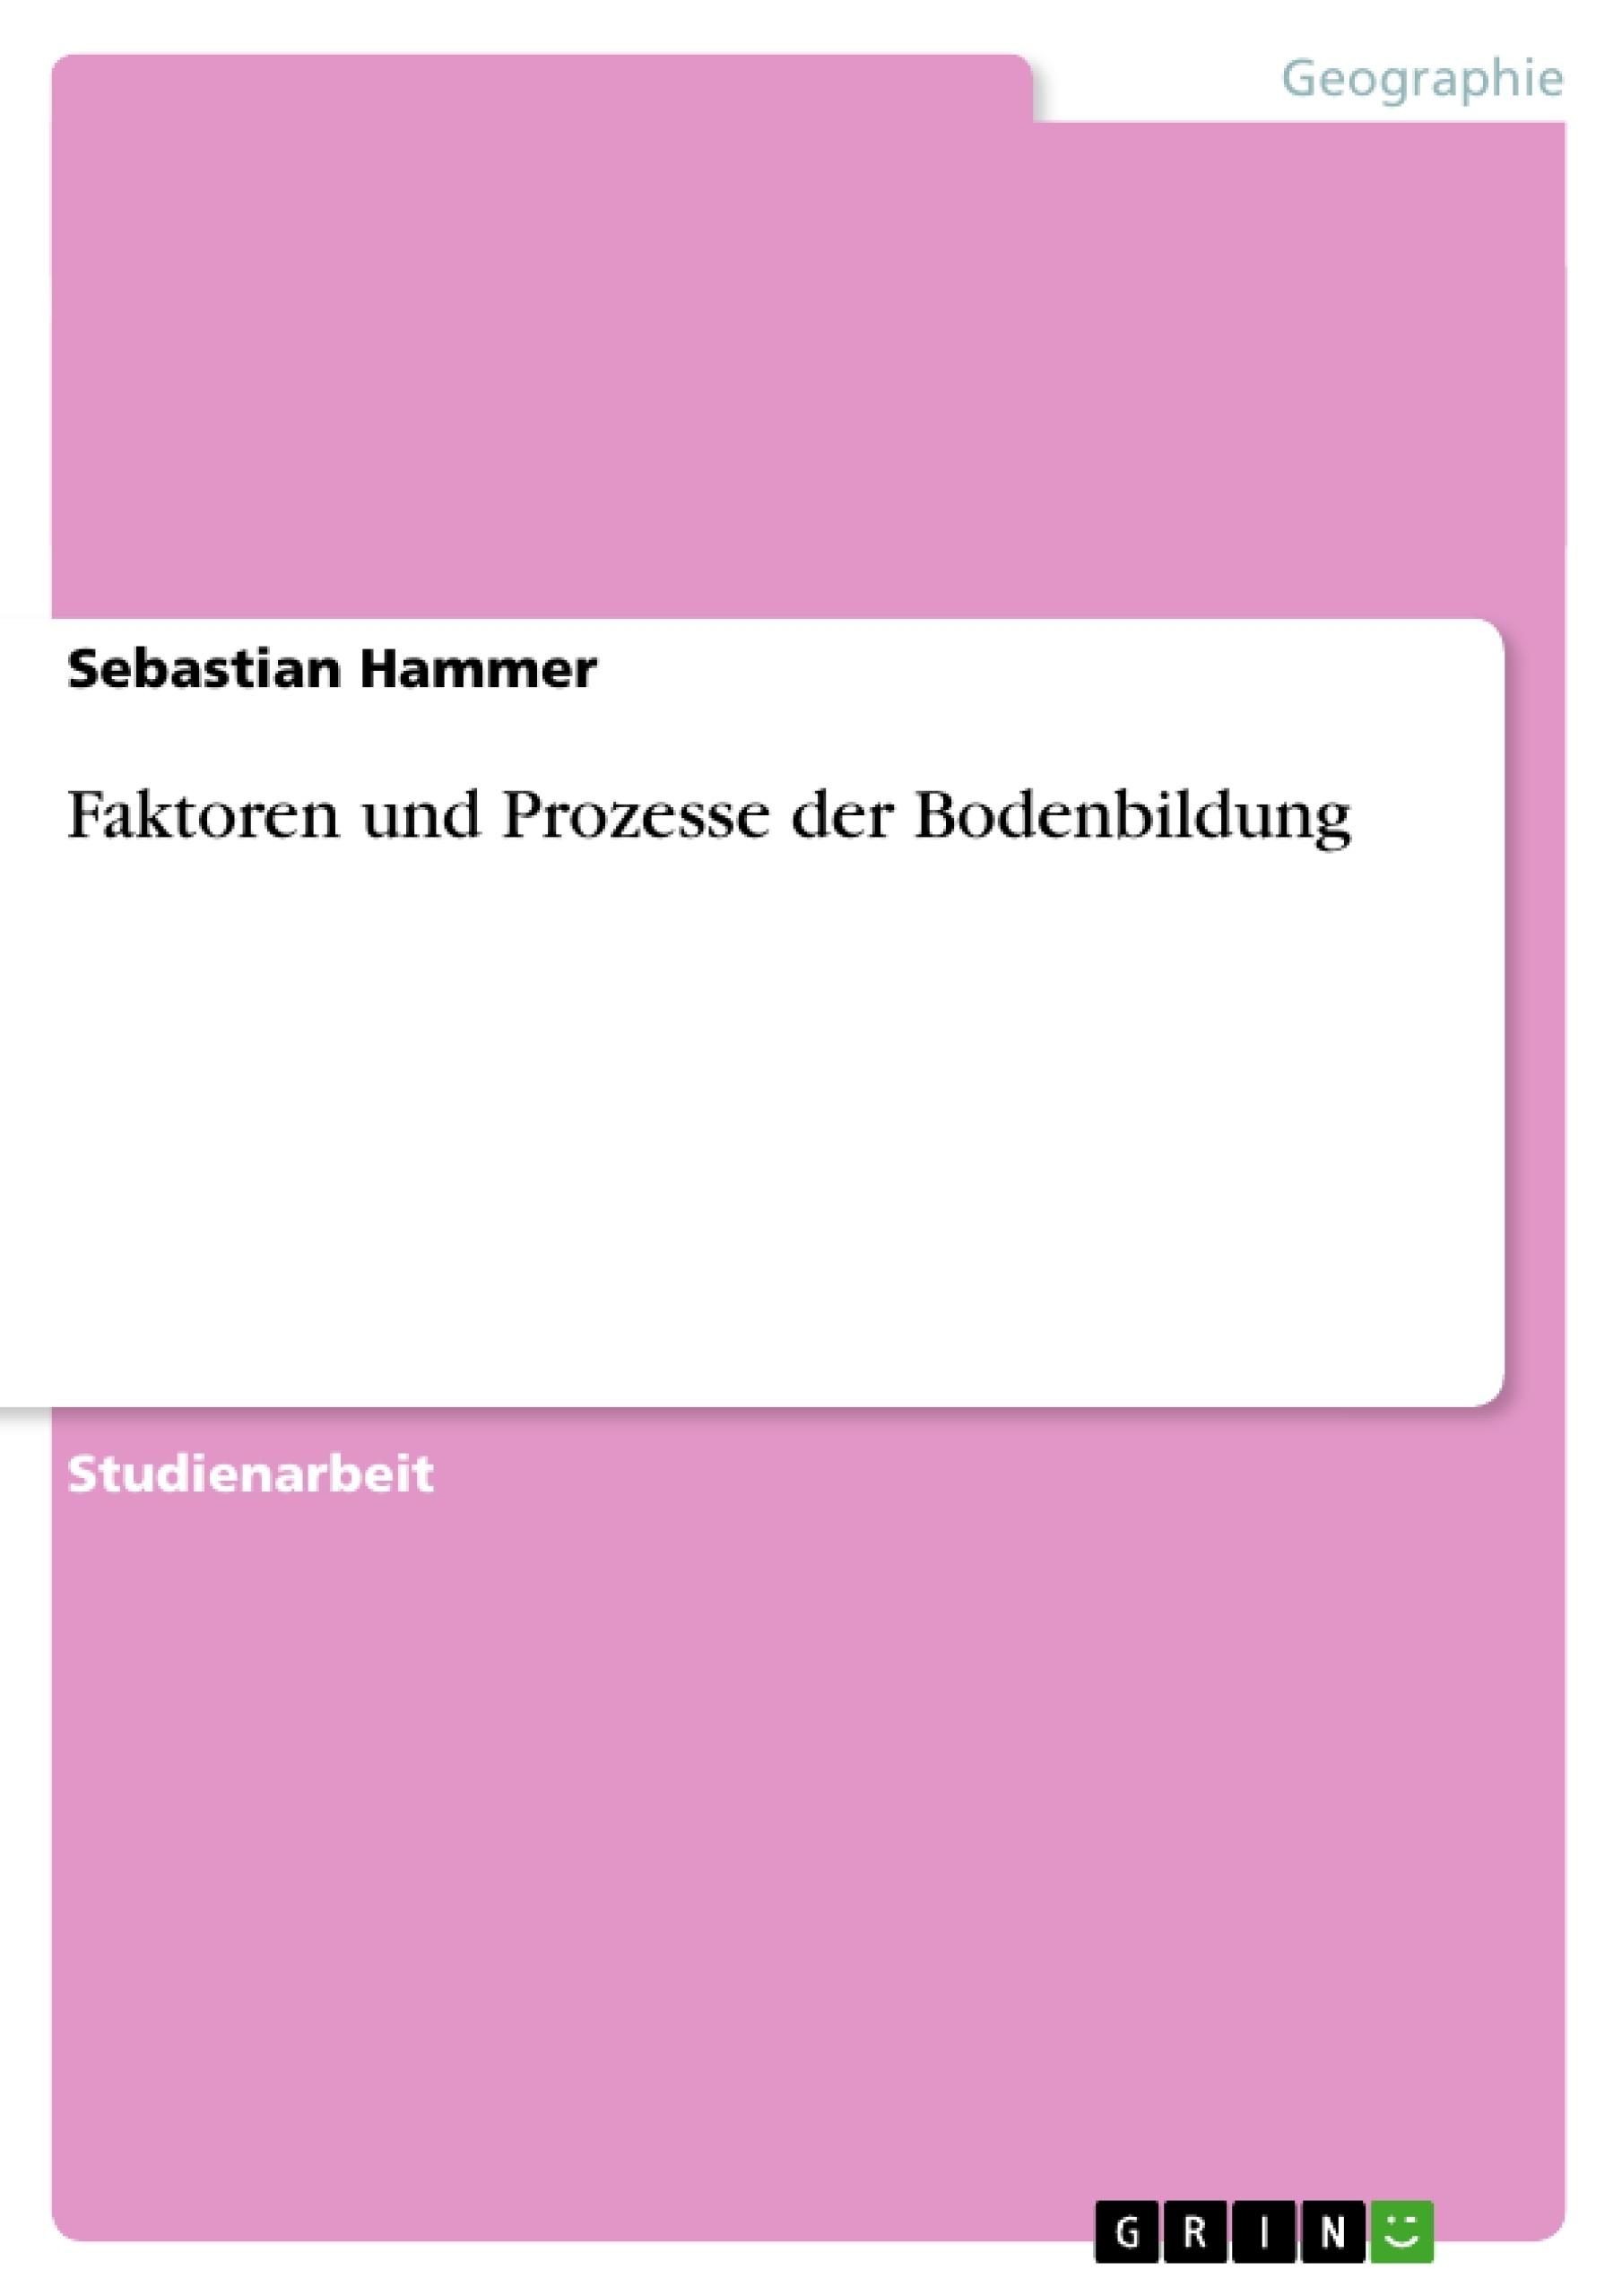 Titel: Faktoren und Prozesse der Bodenbildung